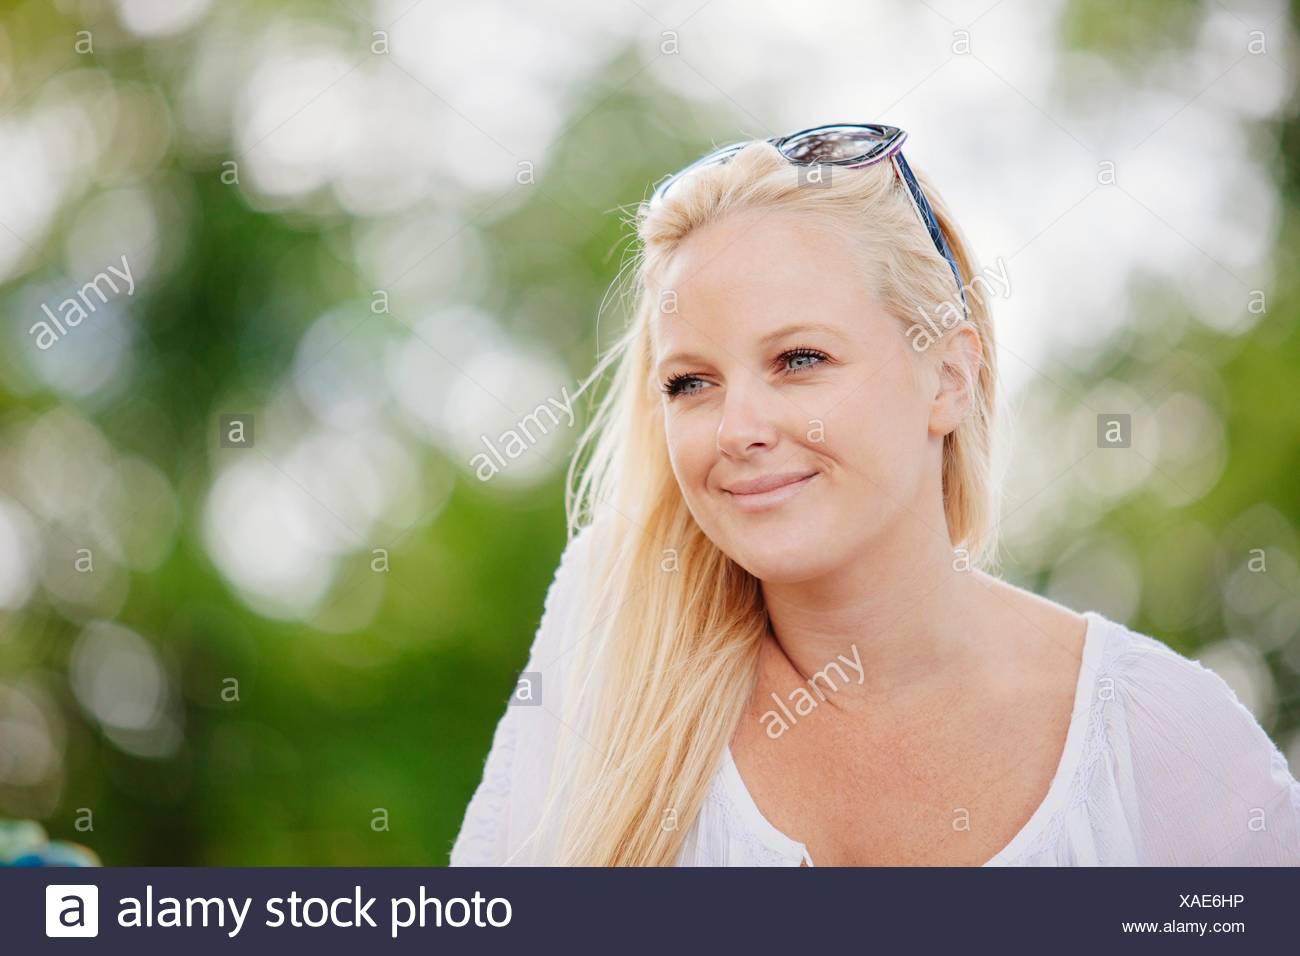 Ritratto di capelli lunghi giovane donna bionda con occhiali da sole sulla testa guardando lontano sorridente Immagini Stock